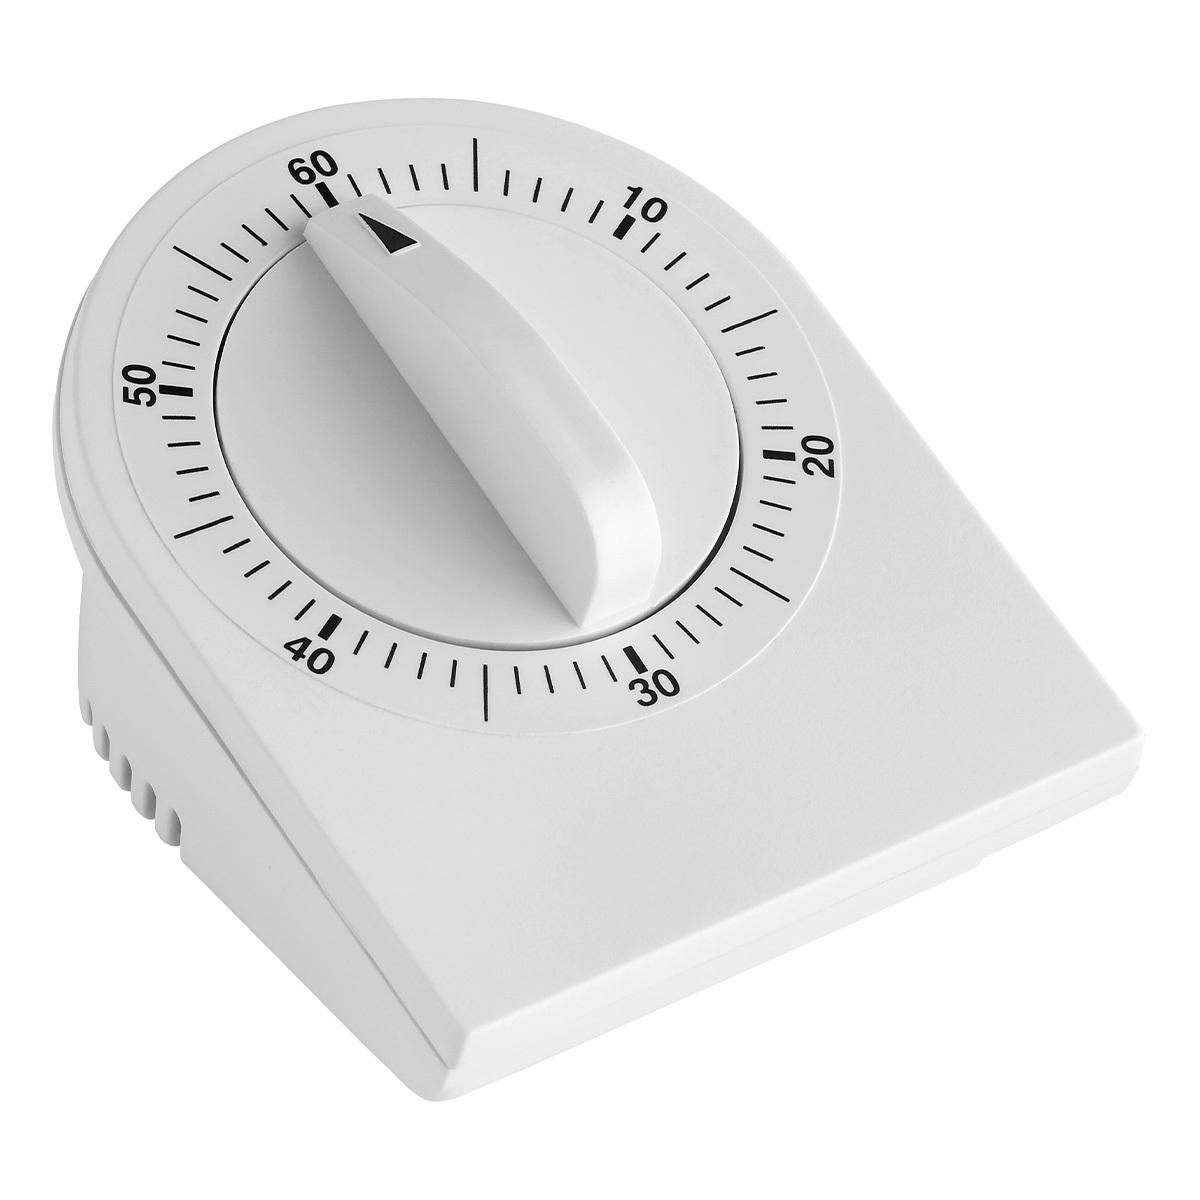 38-1020-analoger-küchen-timer-1200x1200px.jpg